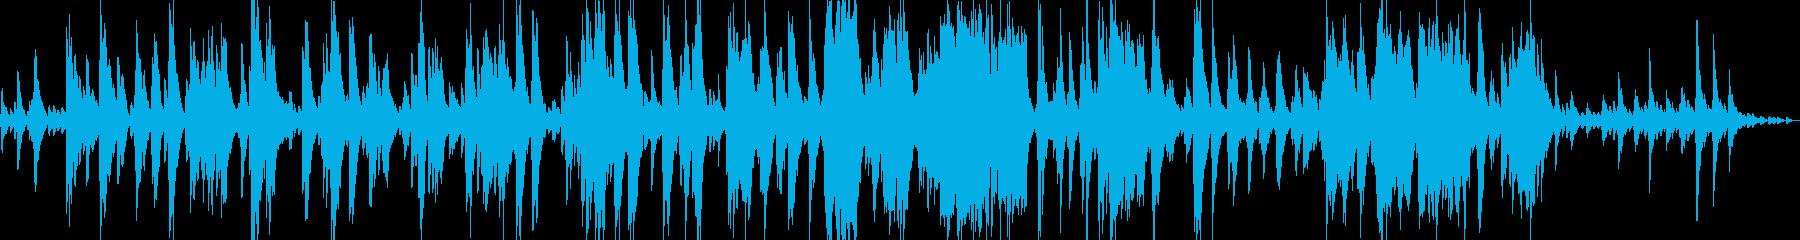 闇の彼方へをイメージしたピアノソロの再生済みの波形